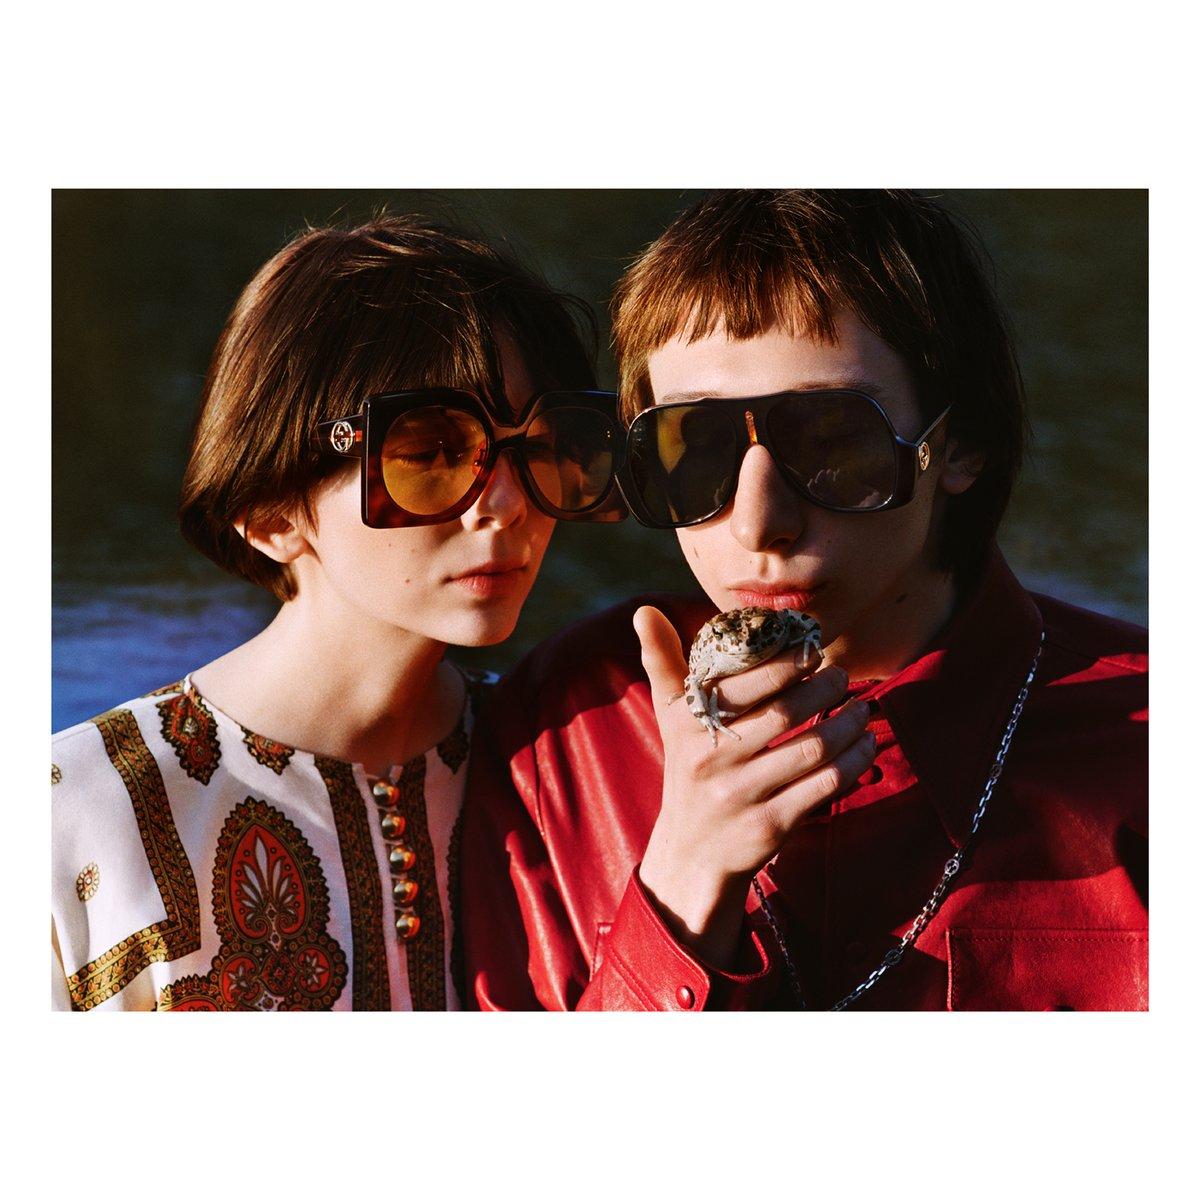 #GucciPreFall20 コレクションの #SoDeerToMe 広告キャンペーンは、人生のシンプルな楽しみや喜びを表現しています。このビジュアルには、#AlessandroMichele のデザインによる #GucciEyewaer の新作、オーバーサイズ サングラスが登場。 https://t.co/p2dBThx8by https://t.co/yDIoQFqtXj